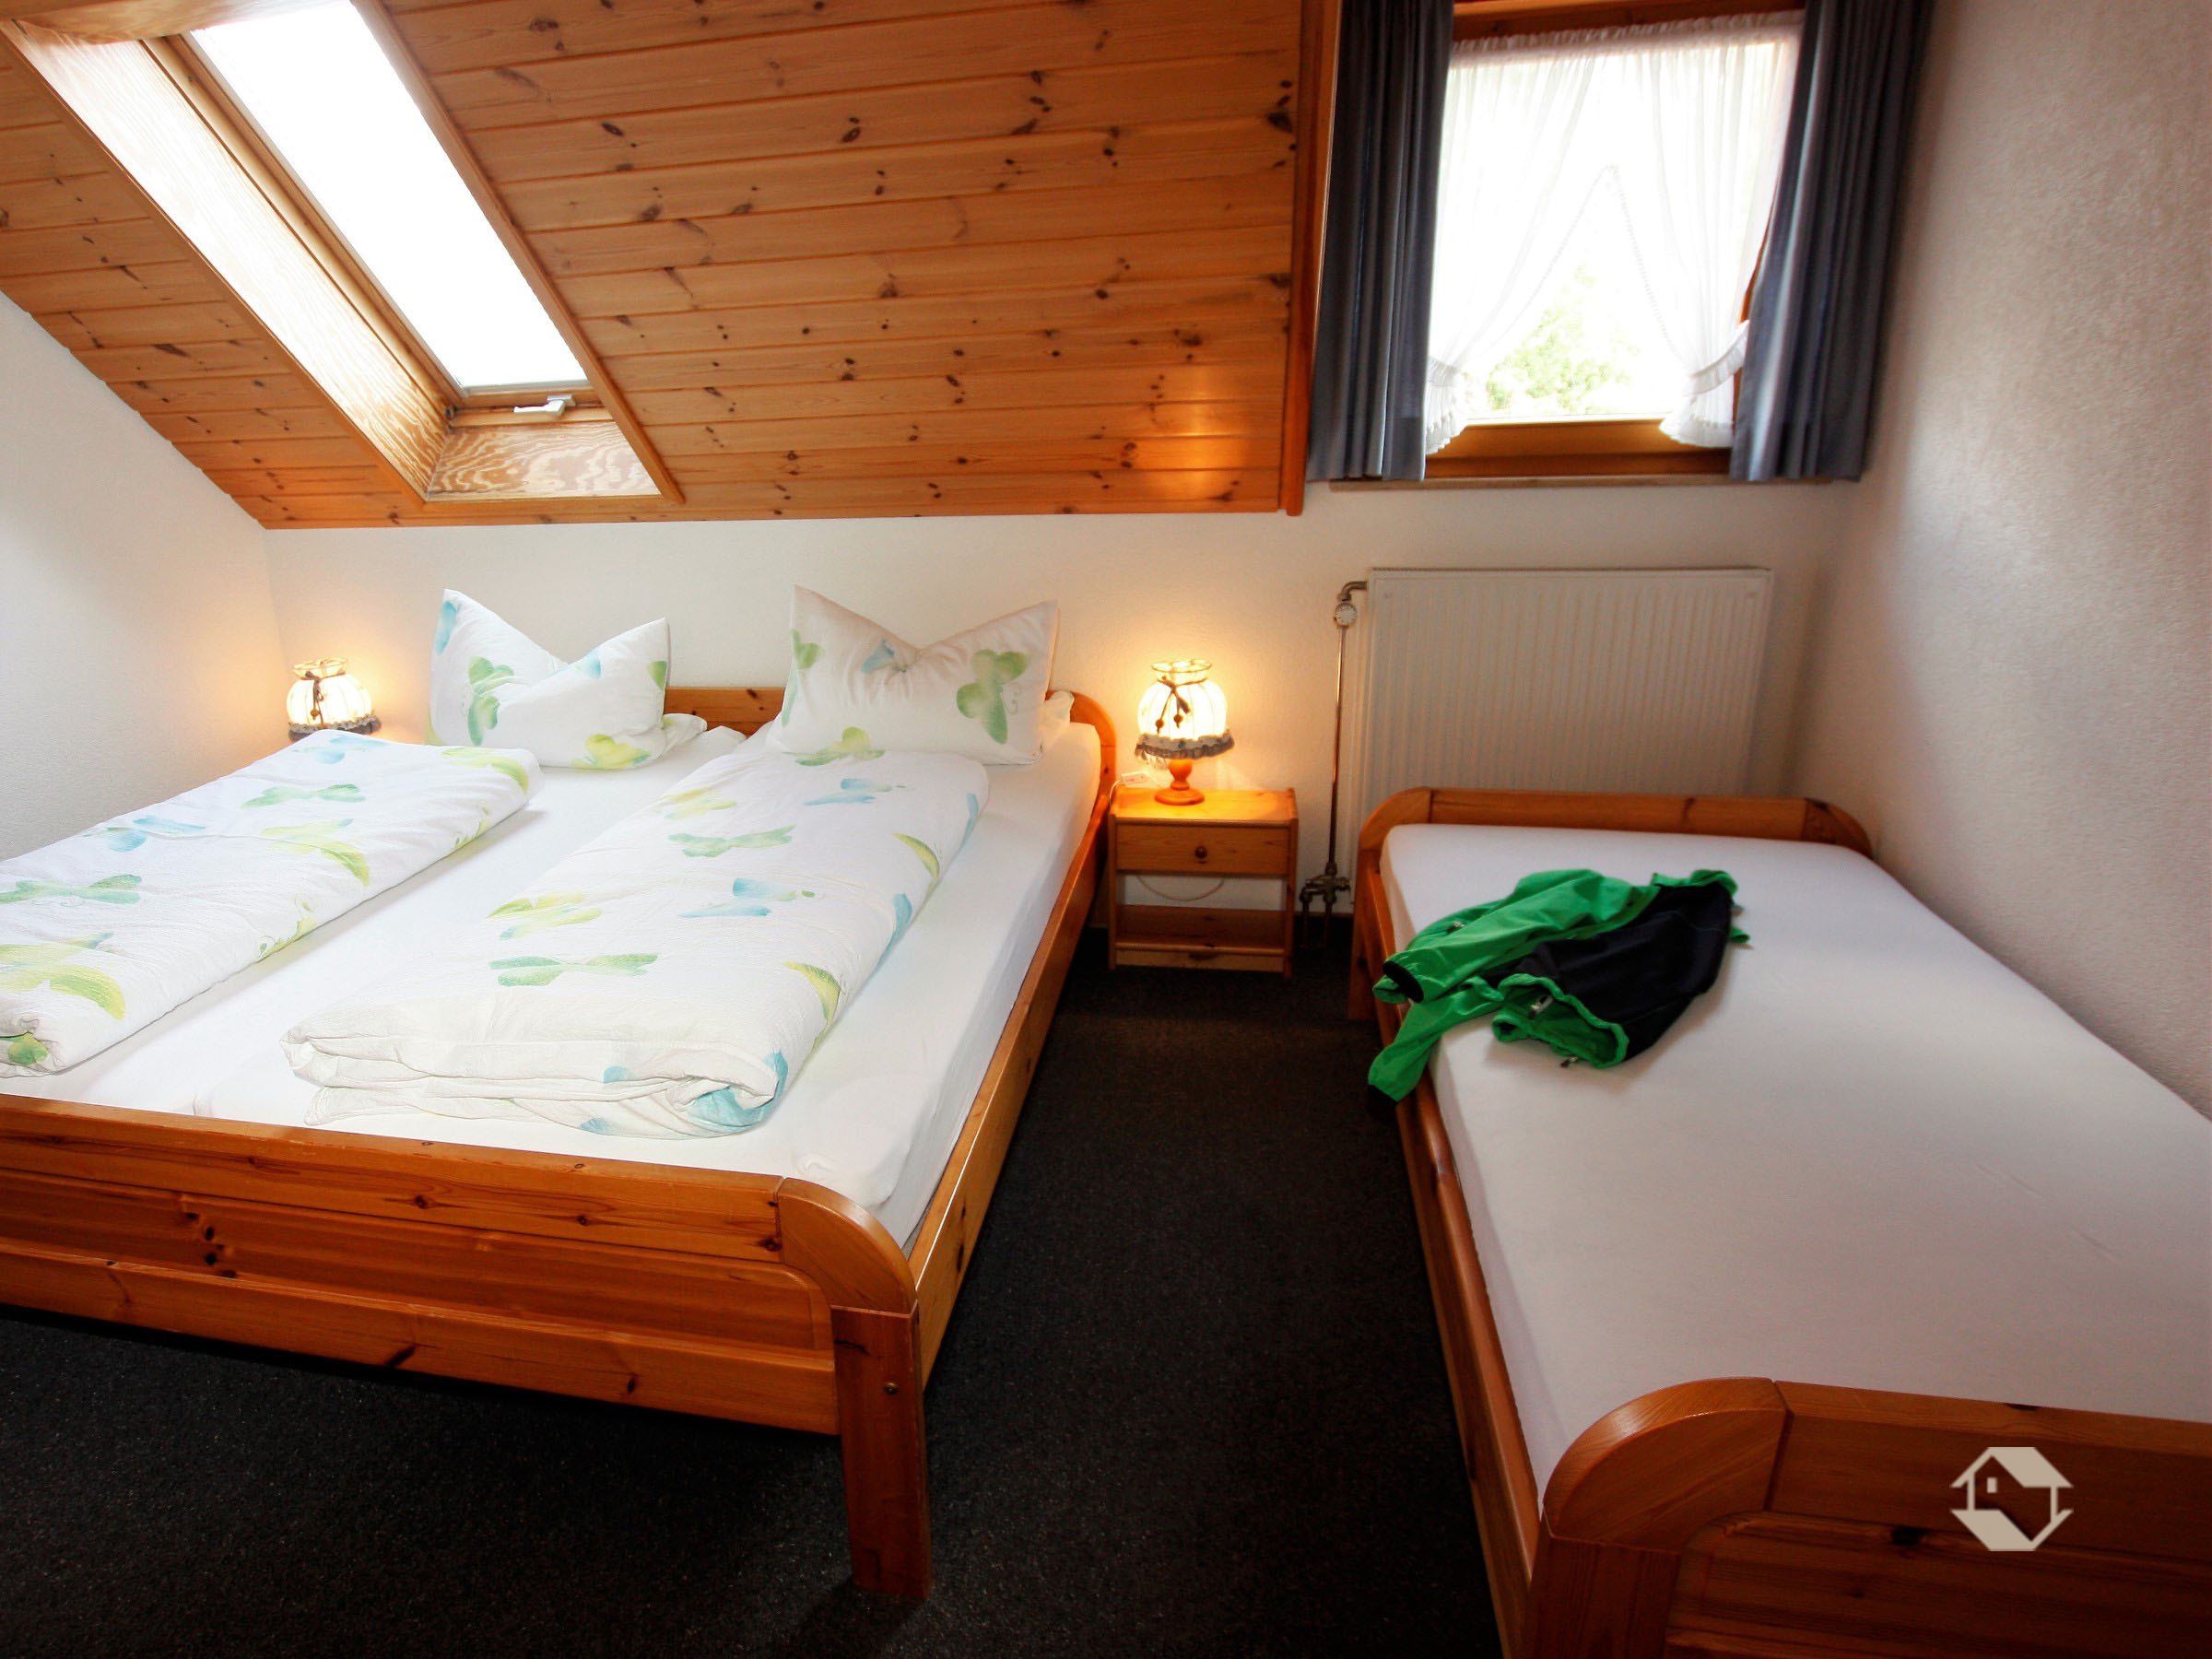 haus kandelblick furtwangen ferienwohnung feldbergblick 70qm 2 schlafraum 1 wohn. Black Bedroom Furniture Sets. Home Design Ideas